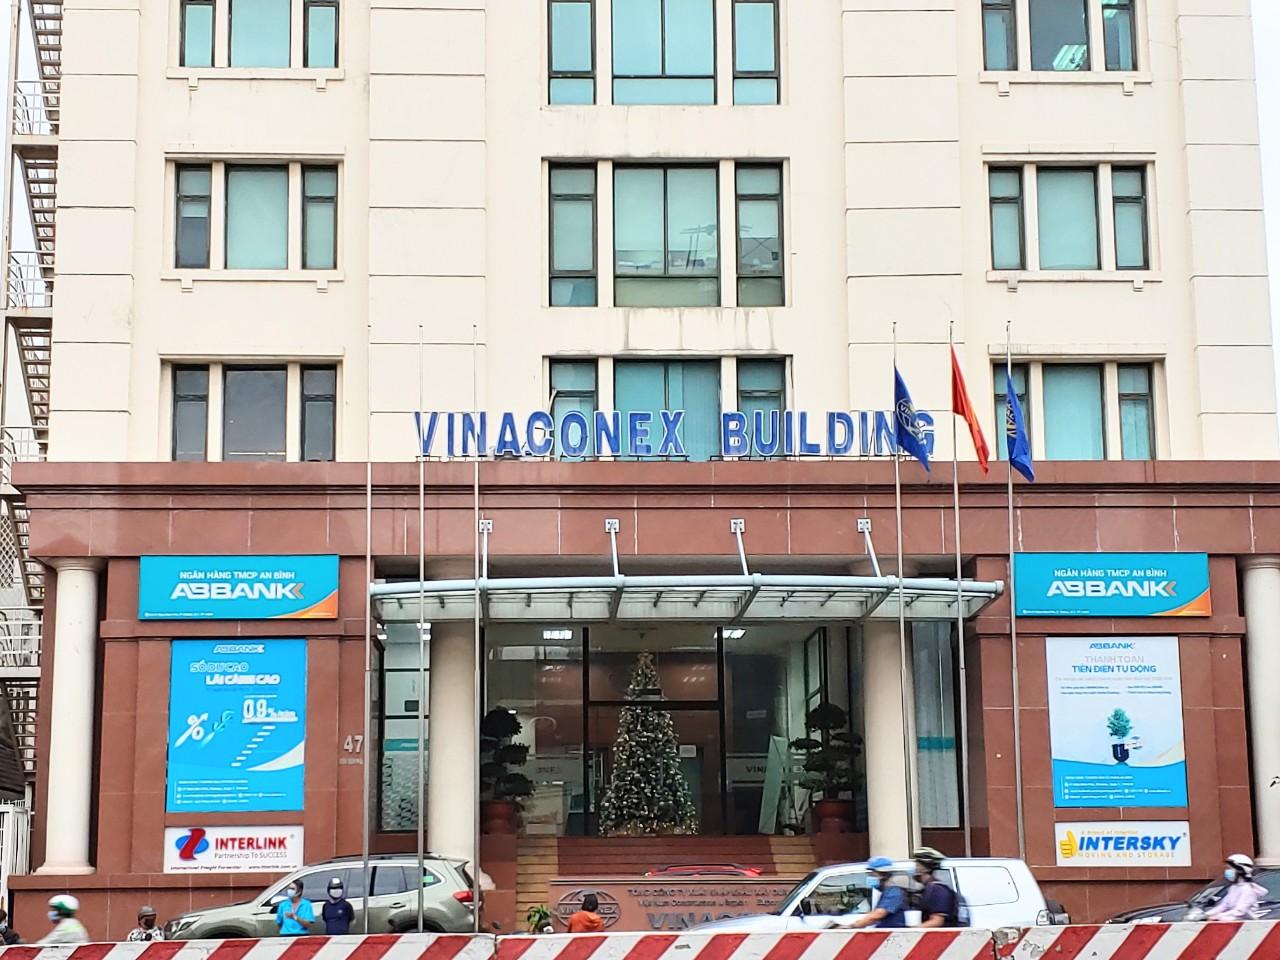 Vinaconex lãi lớn quý I nhờ thoái vốn công ty con - Ảnh 1.